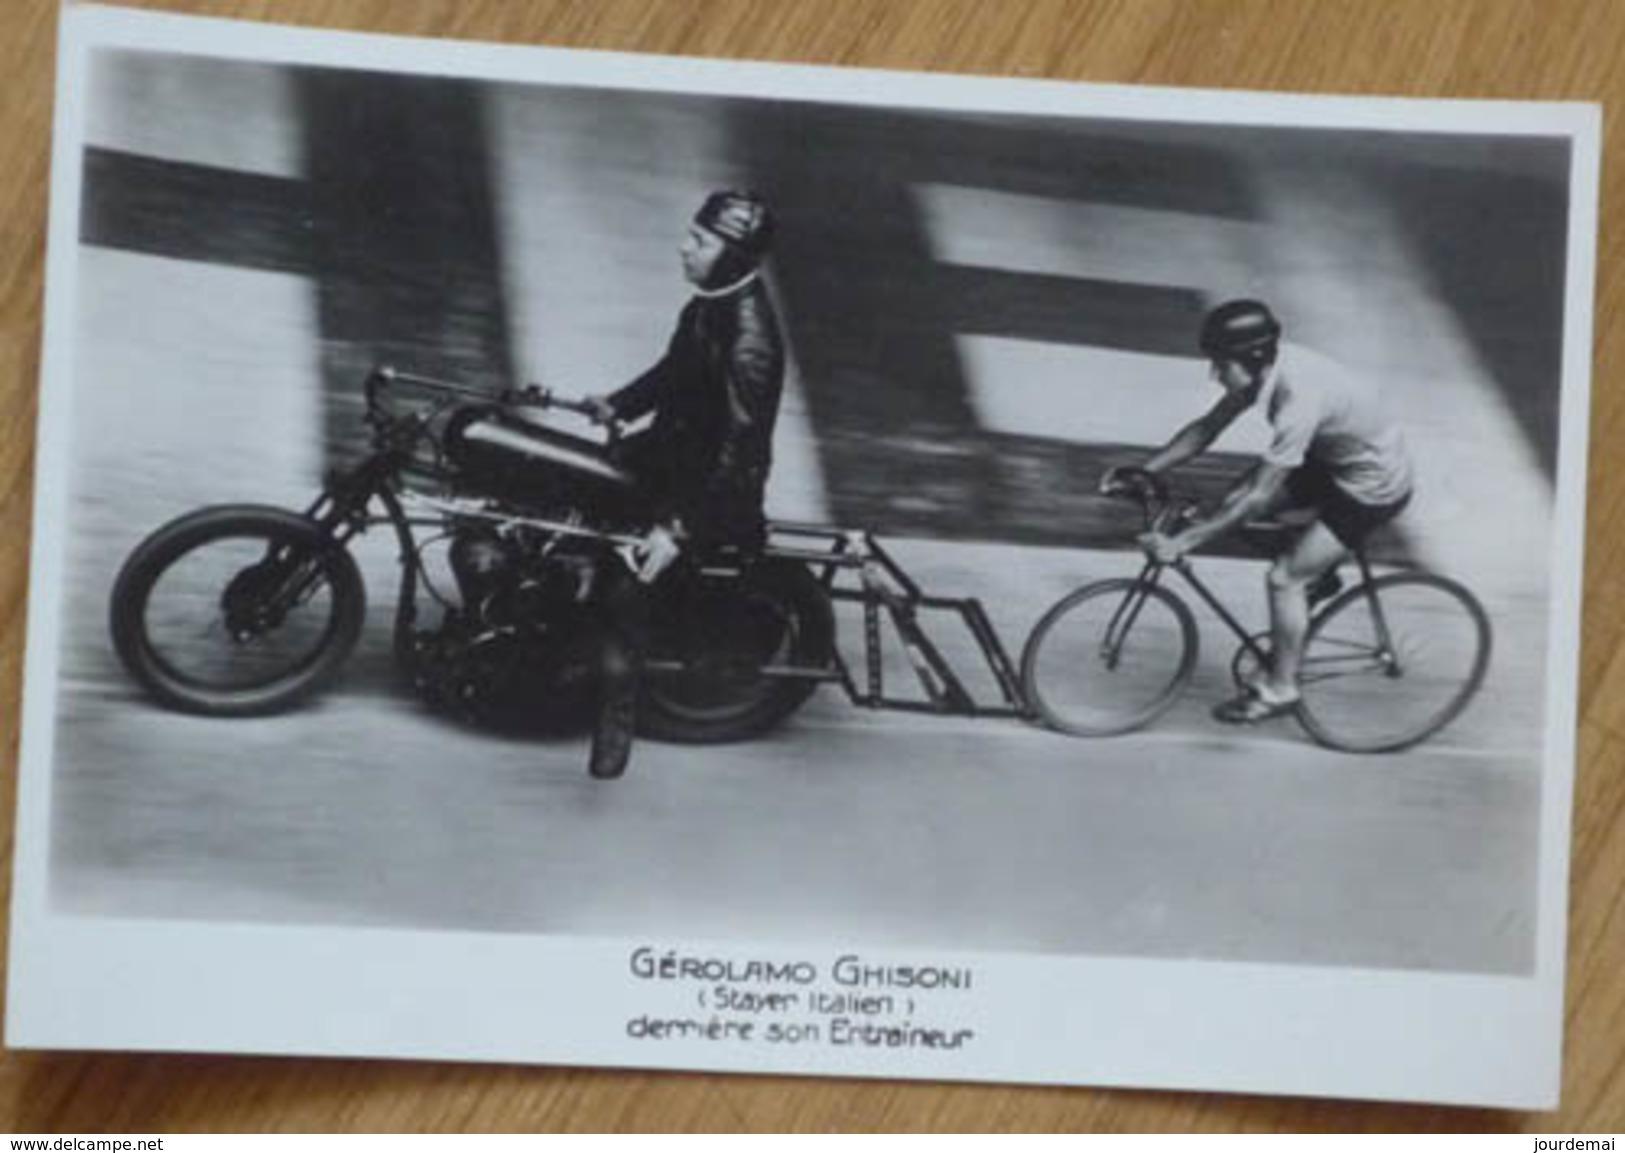 Cyclisme - Carte Postale Originale Gérolamo GHISONI Stayer Italien Derrière Son Entraîneur - Cyclisme